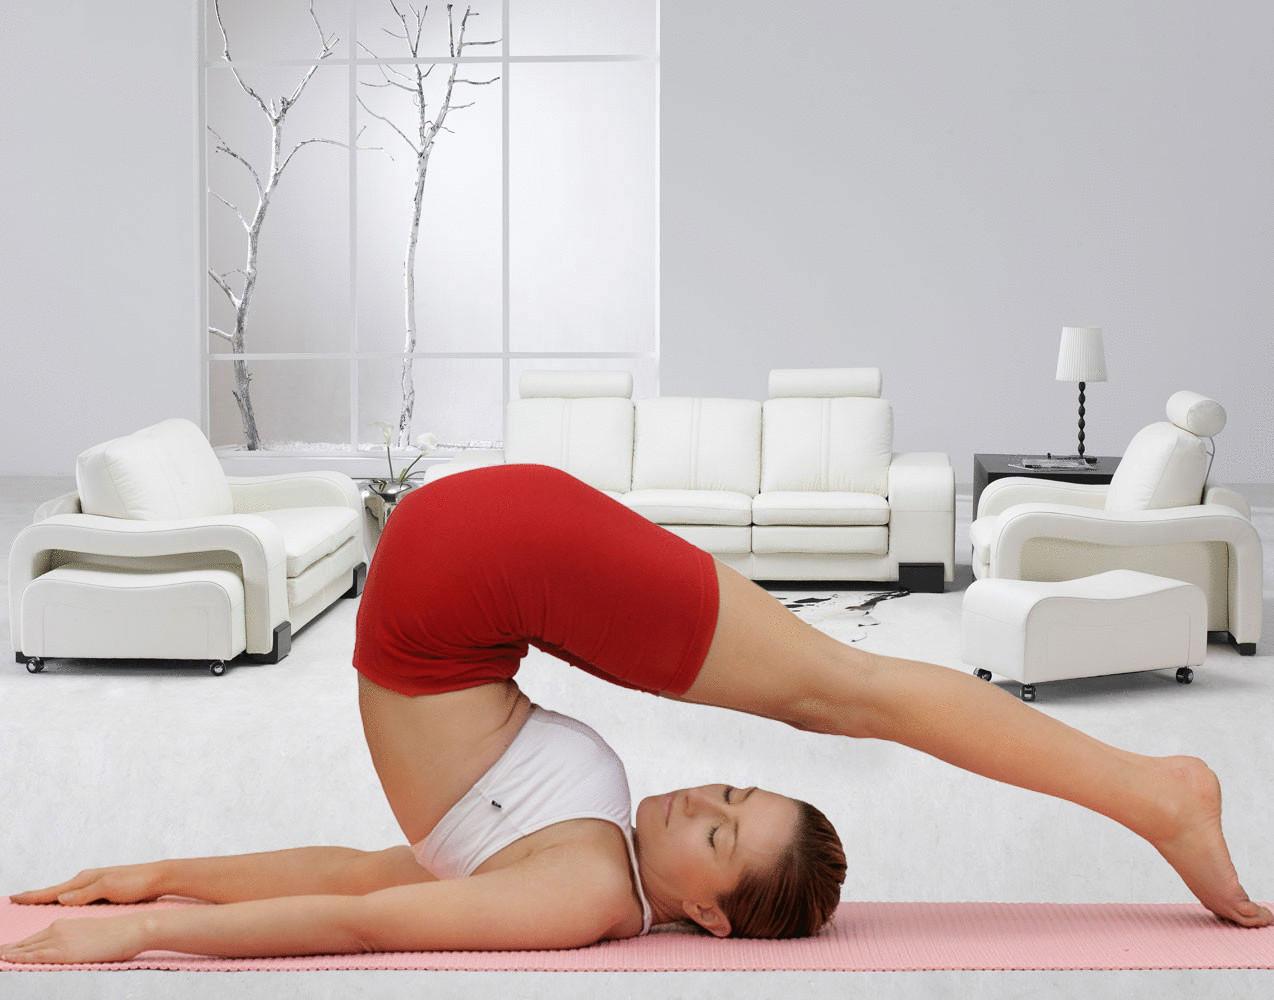 Упражнения в домашних условиях для девушек фото